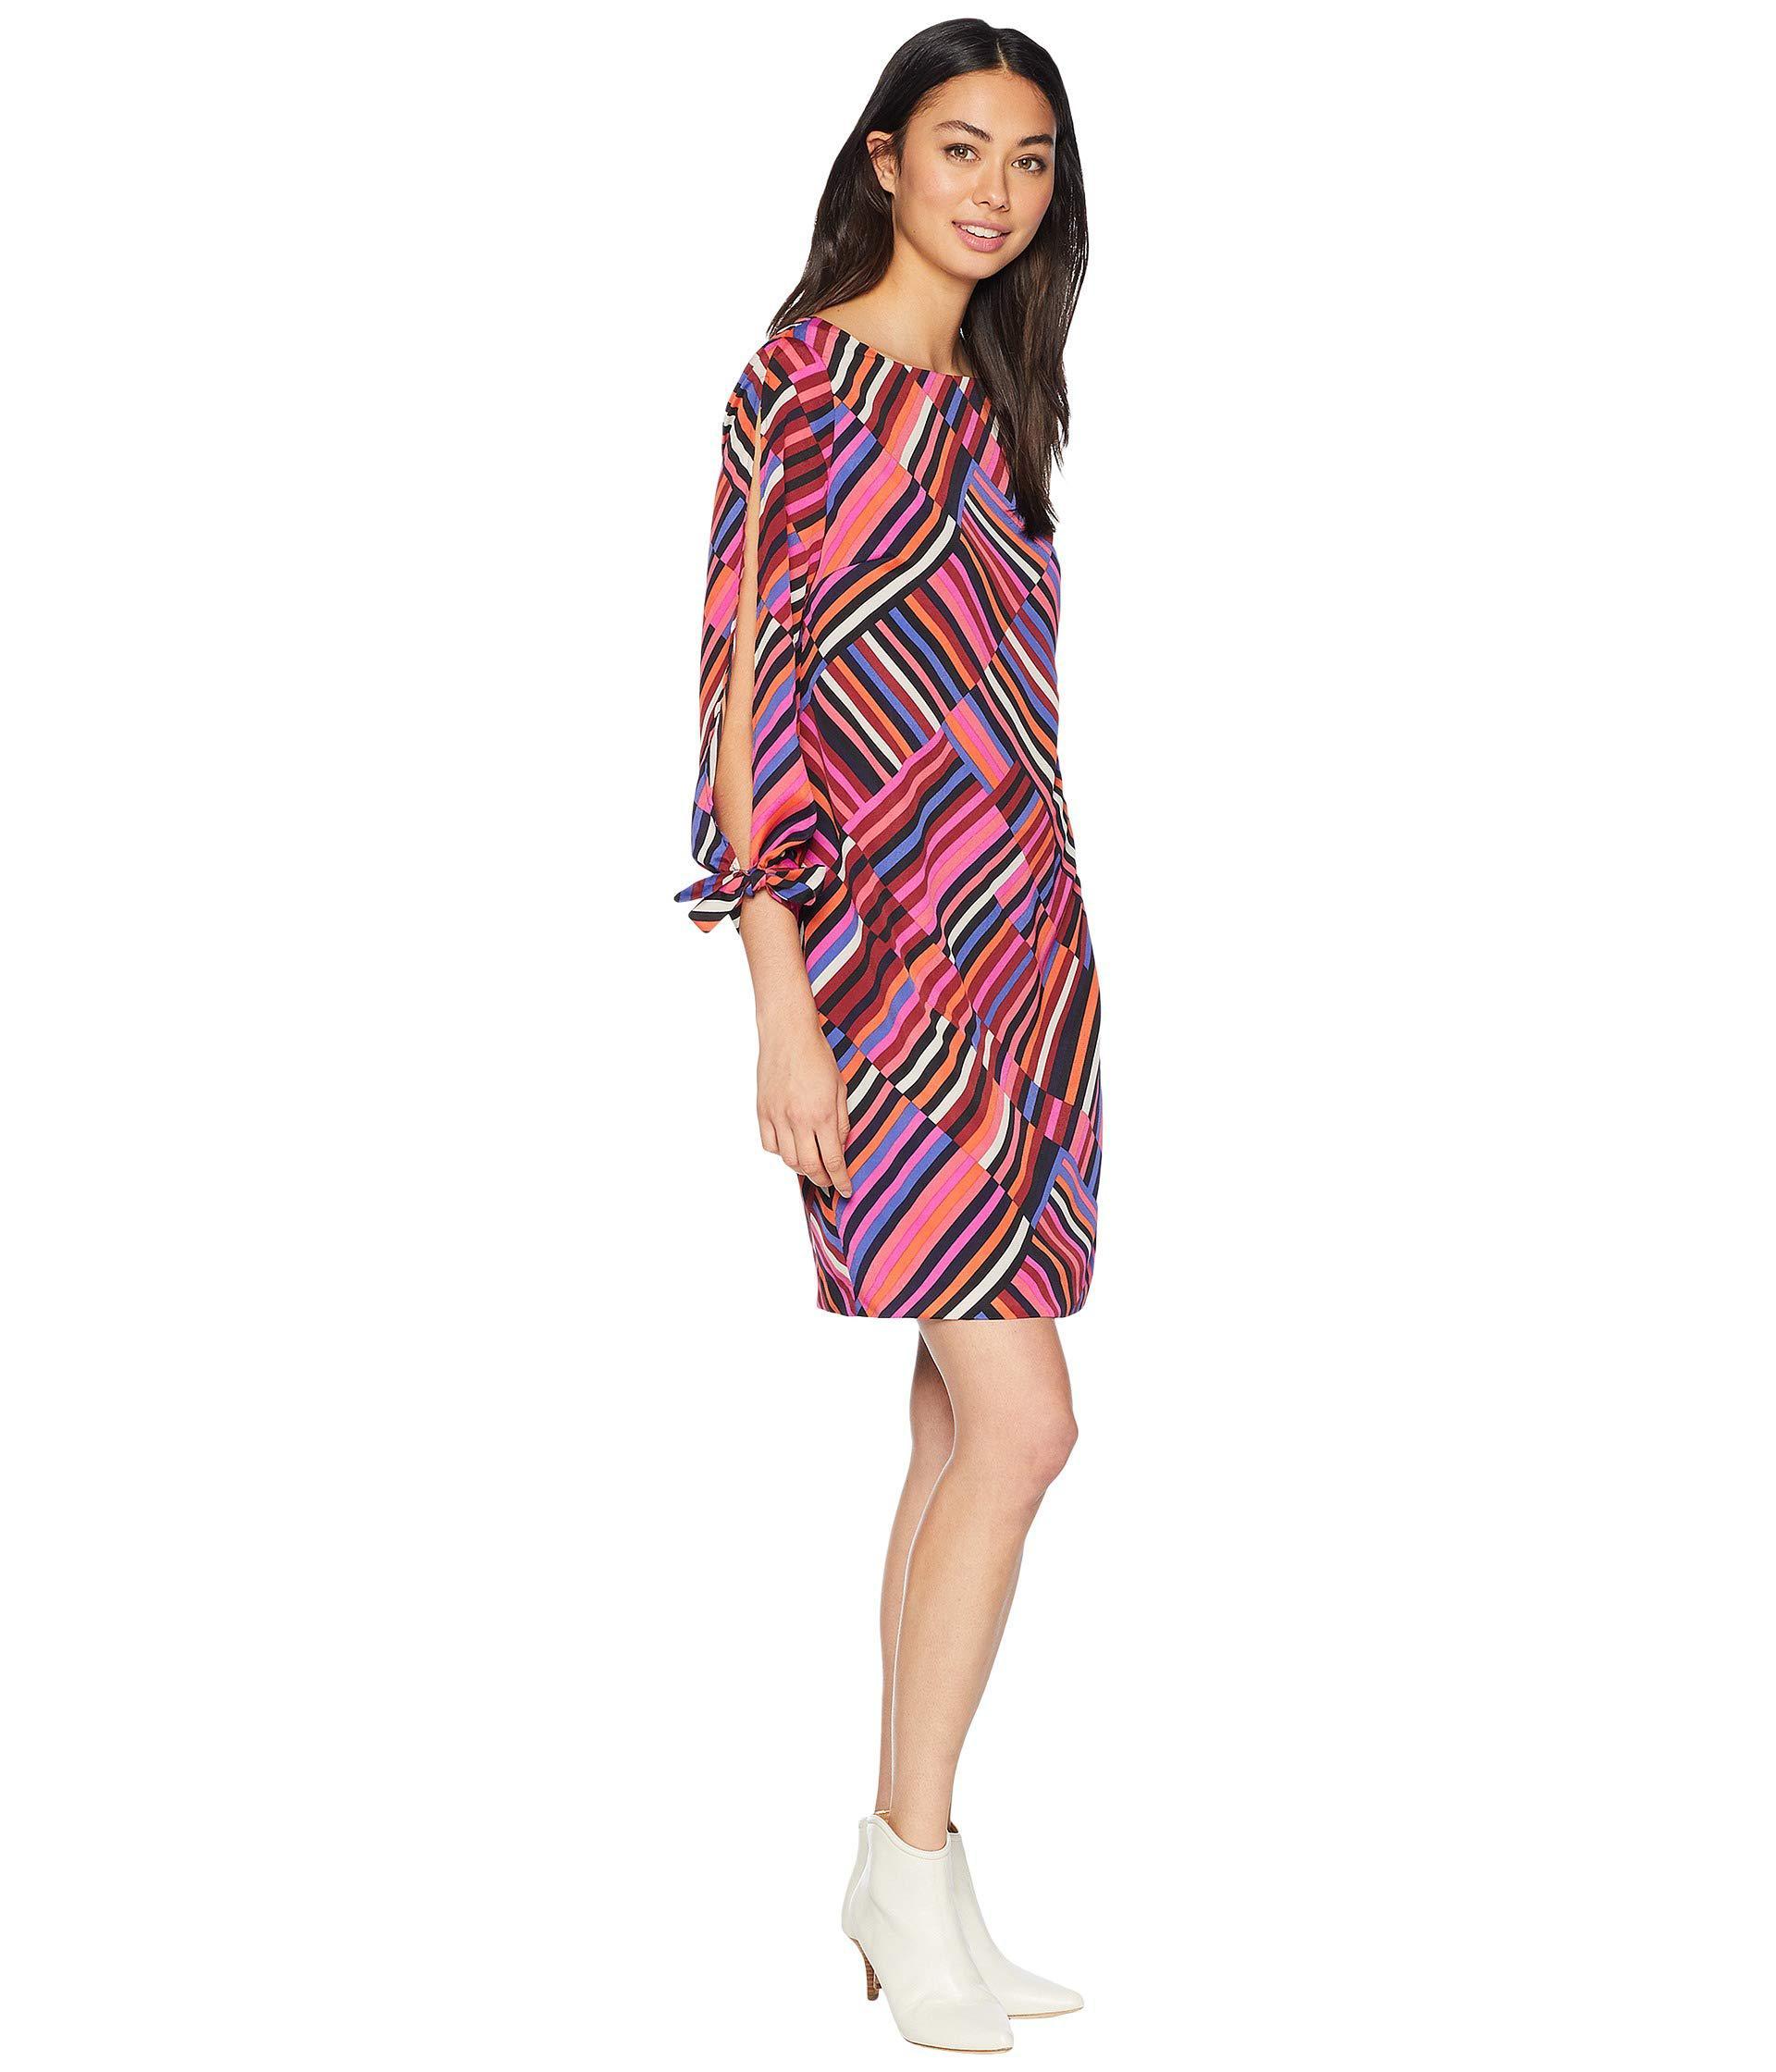 863dd270321 Lyst - Trina Turk Jaxon Dress in Red